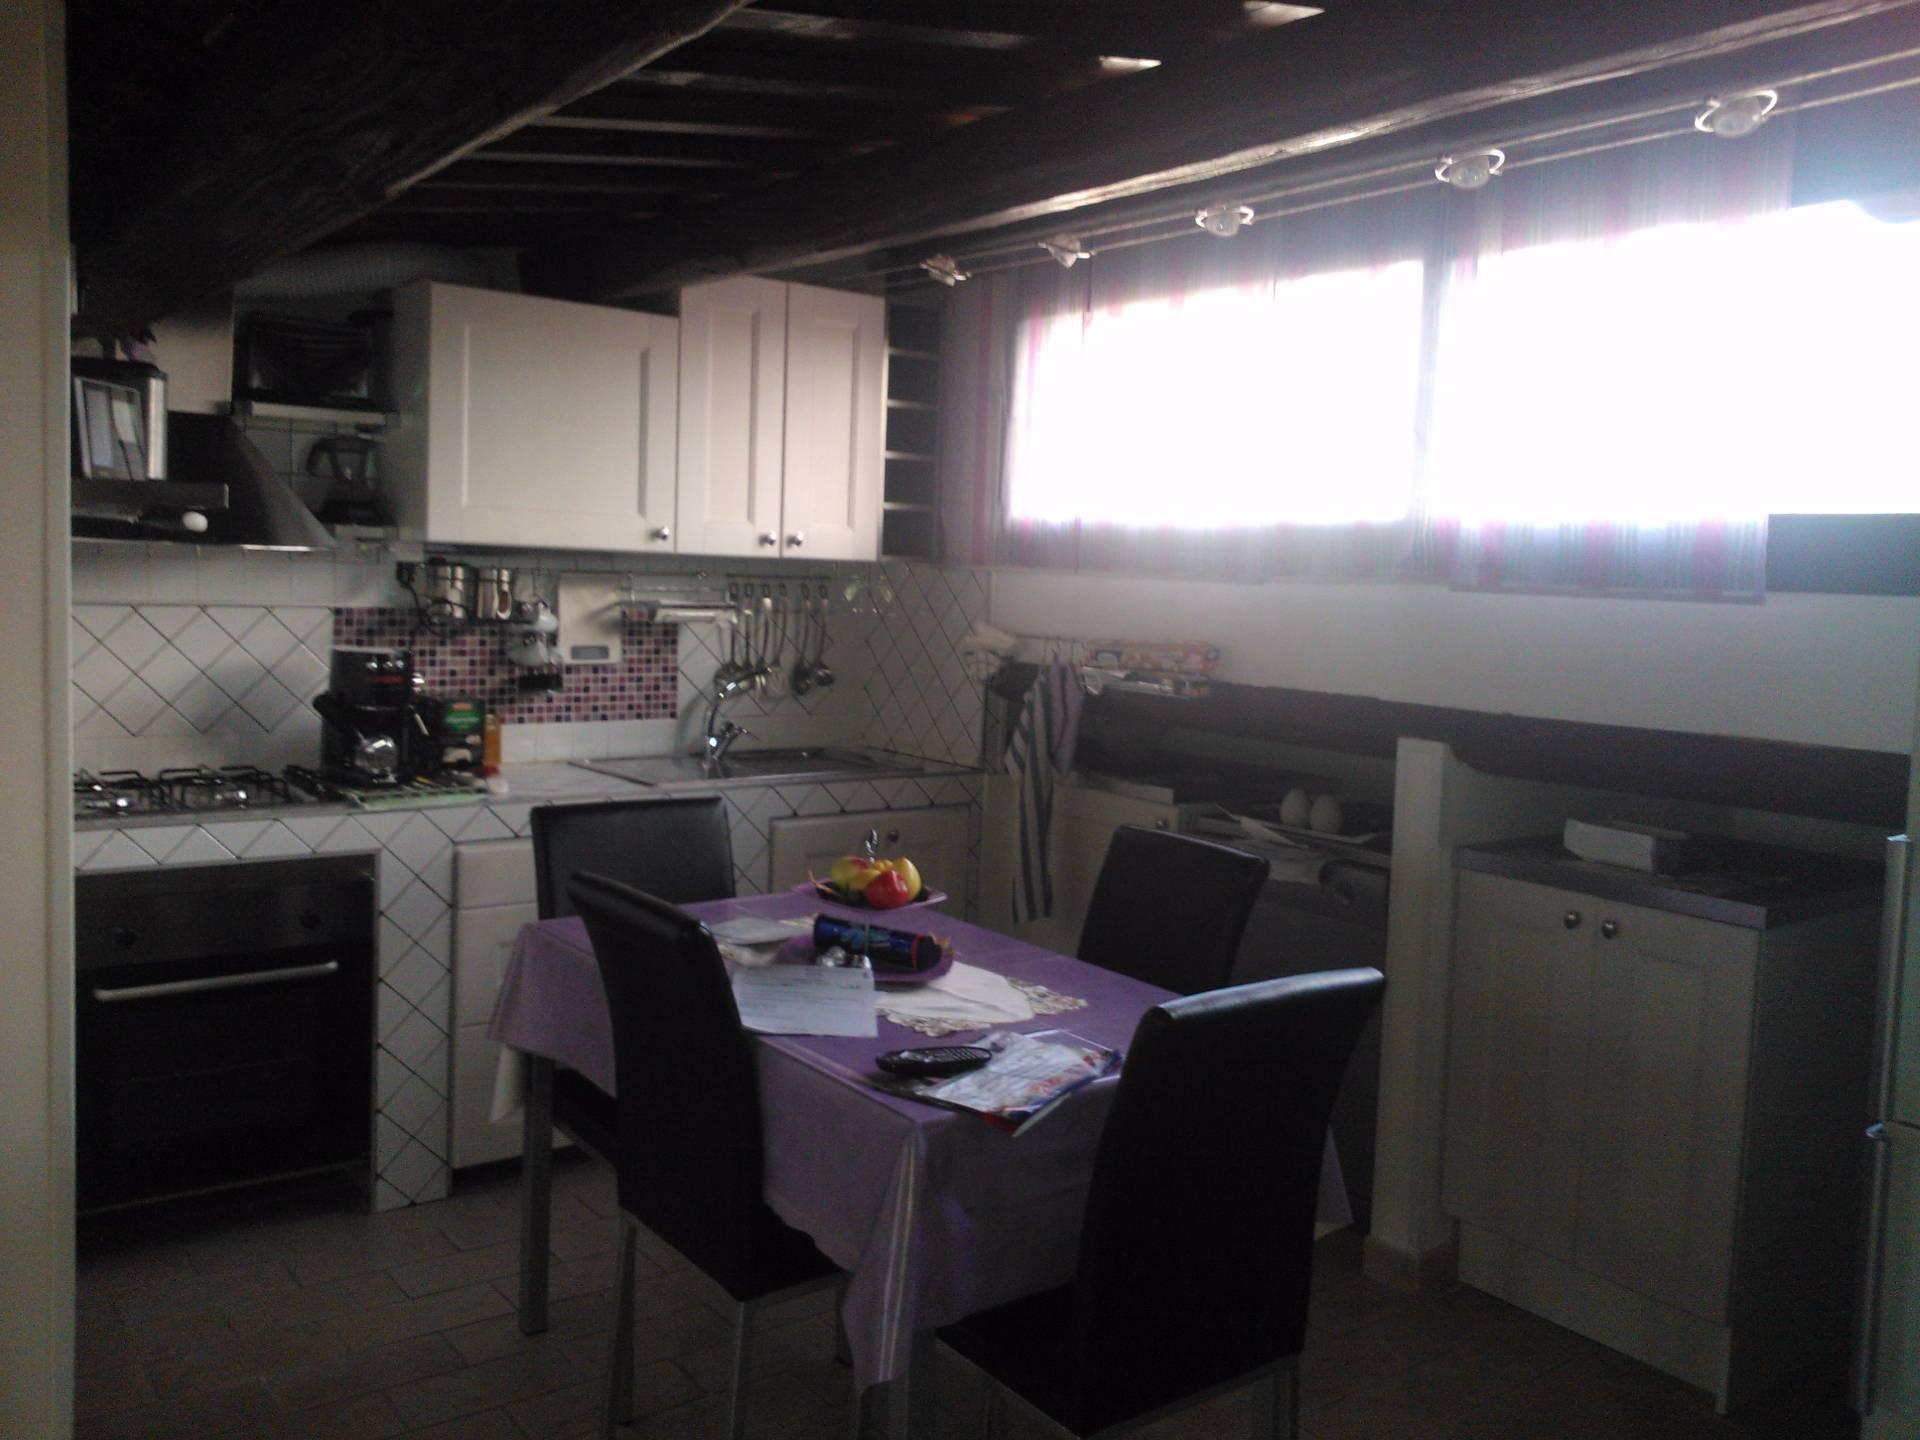 Attico / Mansarda in vendita a Ferrara, 3 locali, zona Zona: Porotto-Cassana, prezzo € 74.000 | Cambio Casa.it